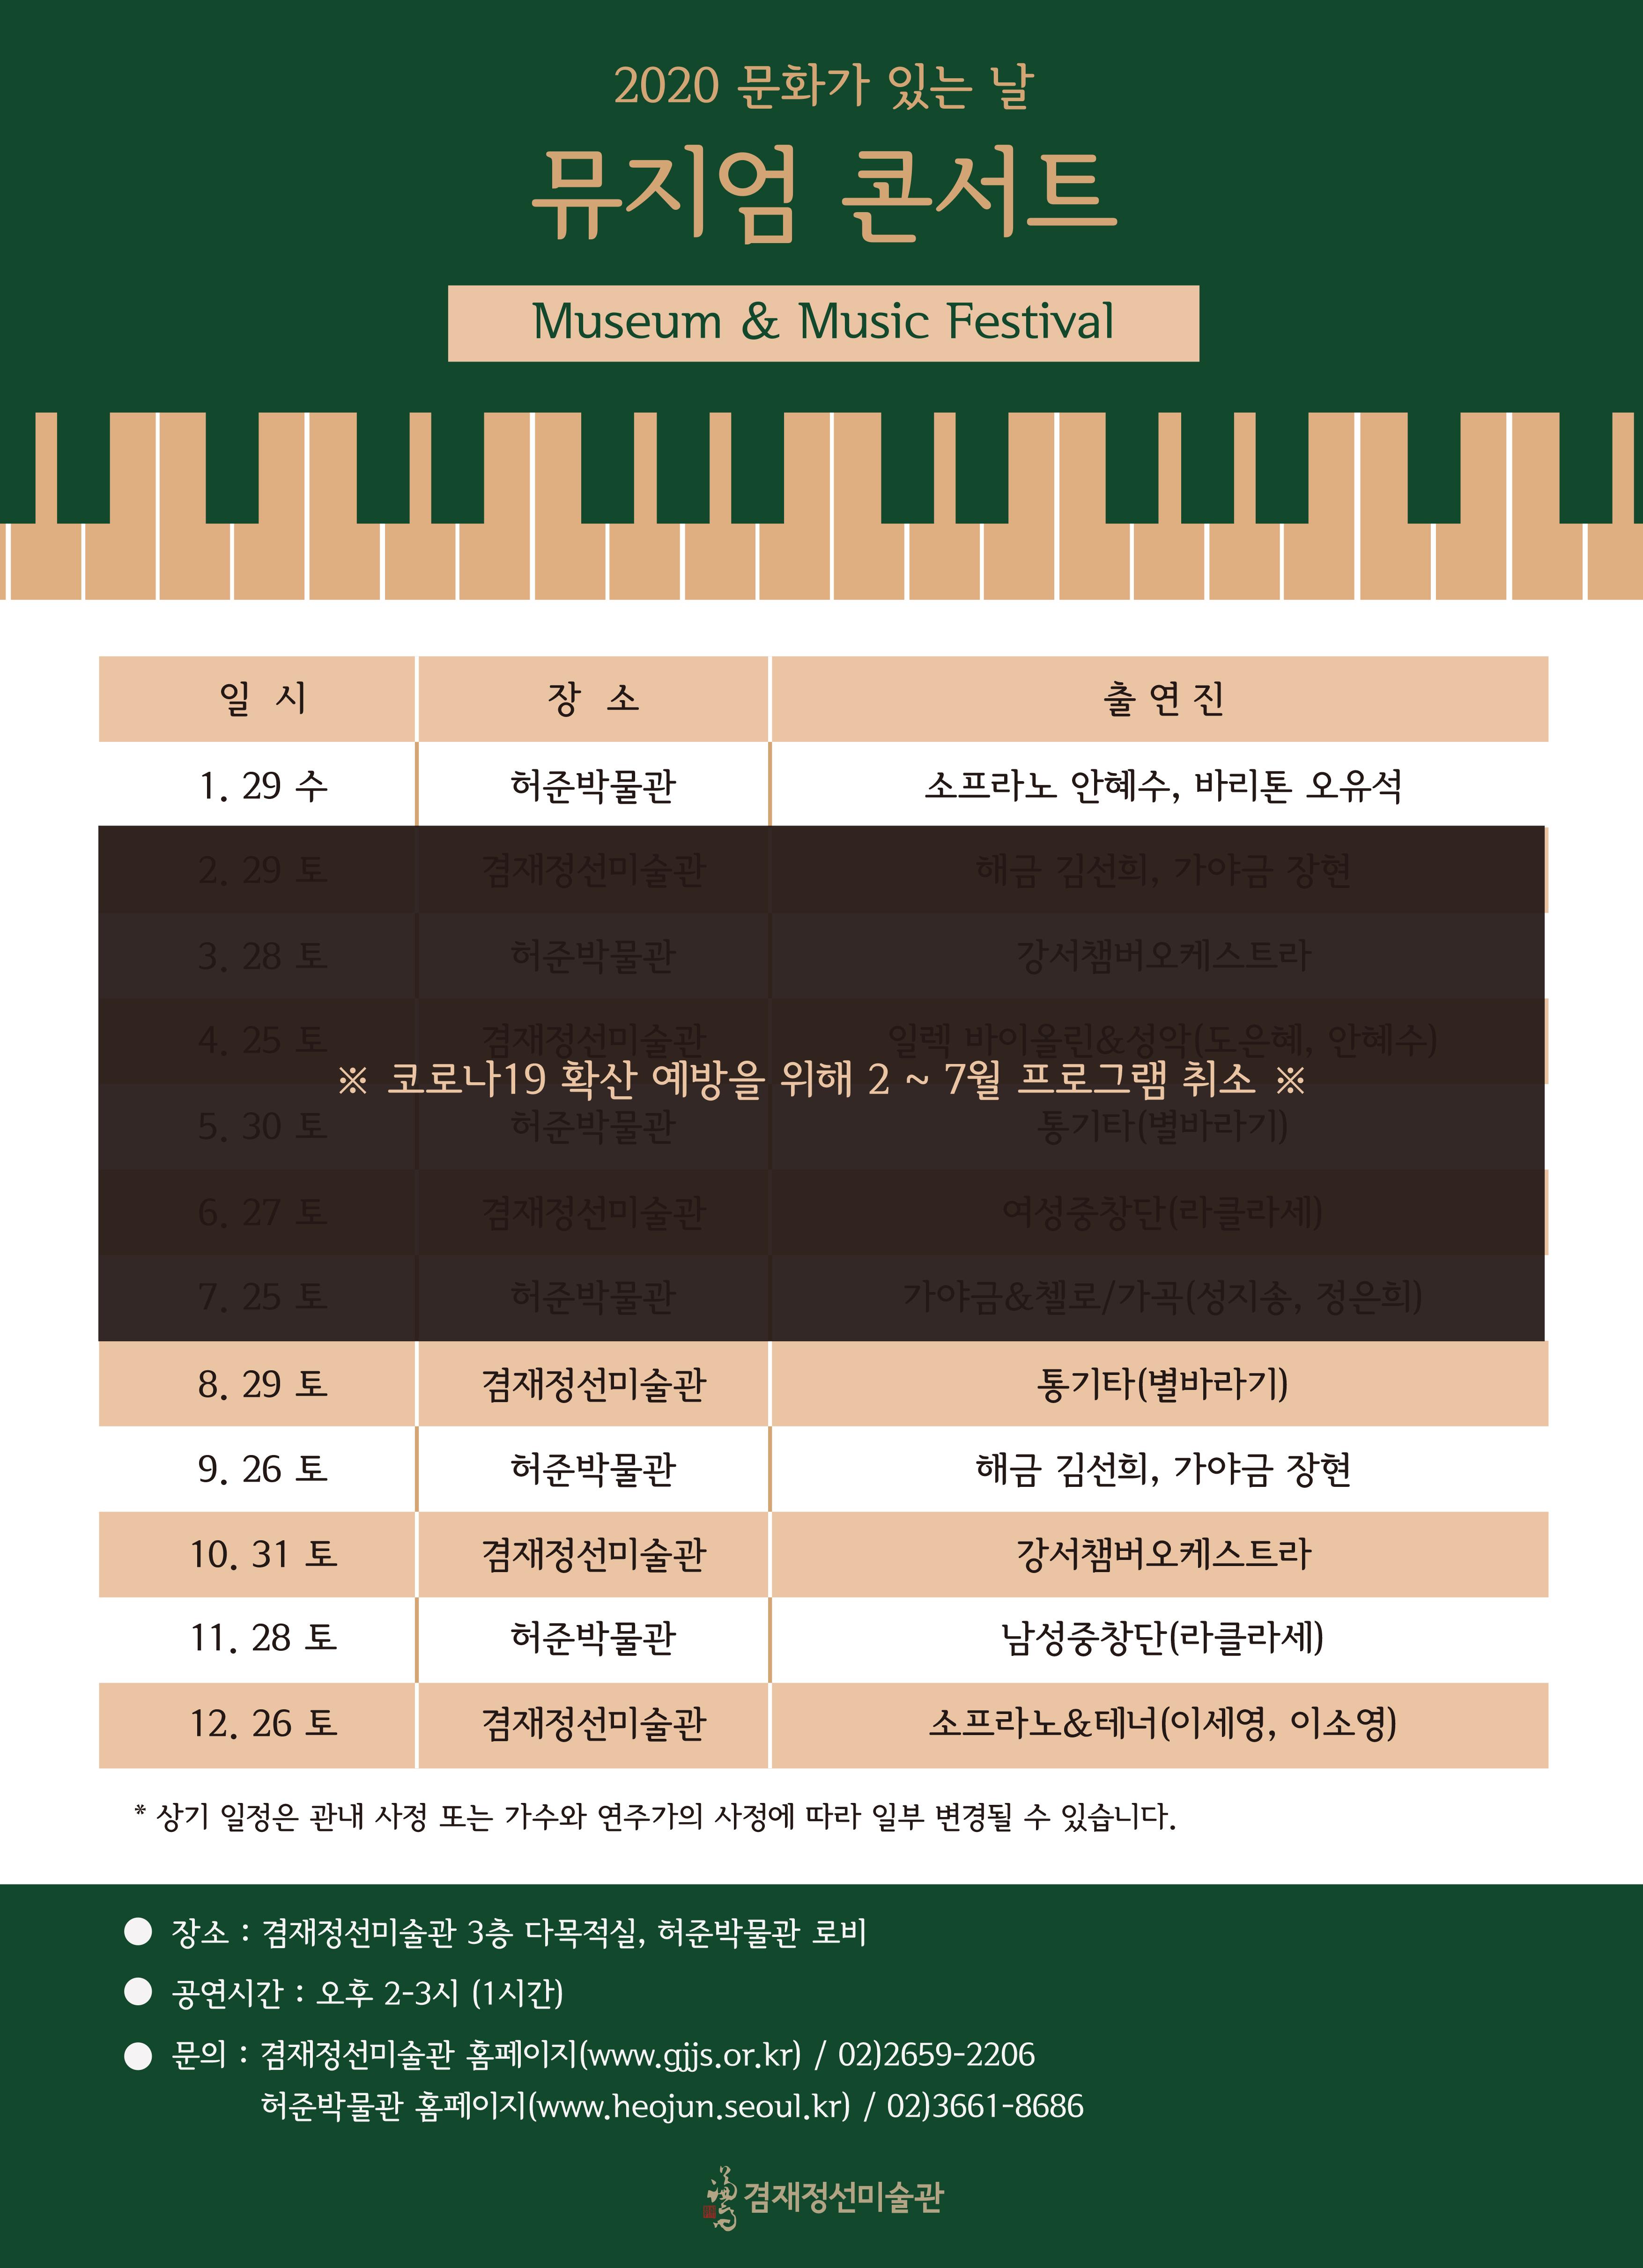 [행사] 2020 문화가 있는 날 <뮤지엄 콘서트> 통합 일정 안내, 자세한 내용은 첨부파일을 확인해주세요.